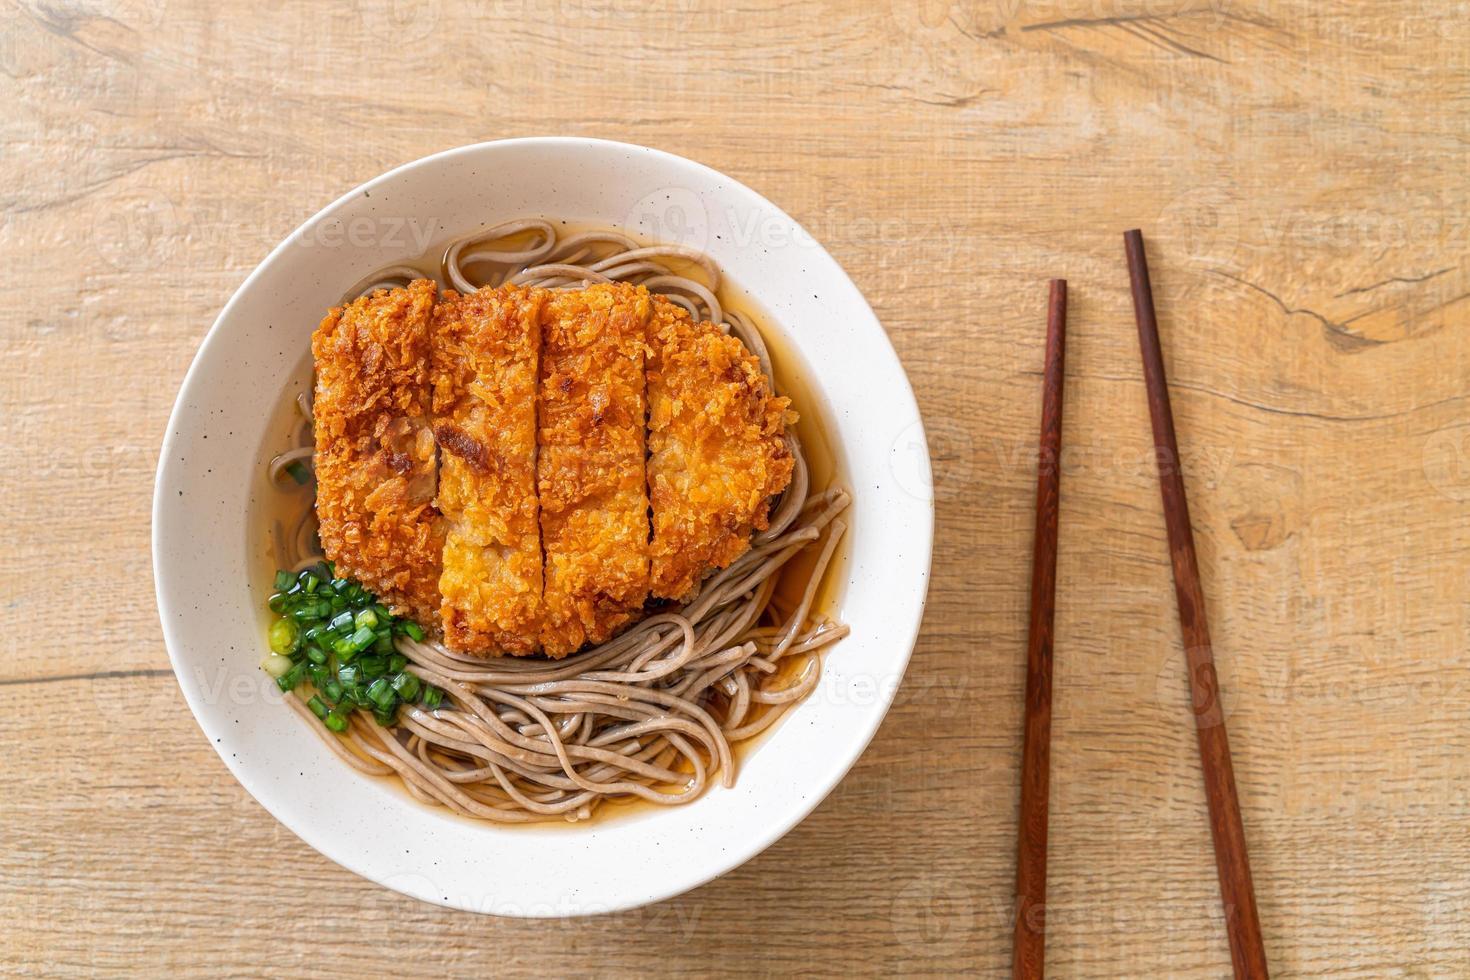 nouilles ramen soba avec escalope de porc frite japonaise photo